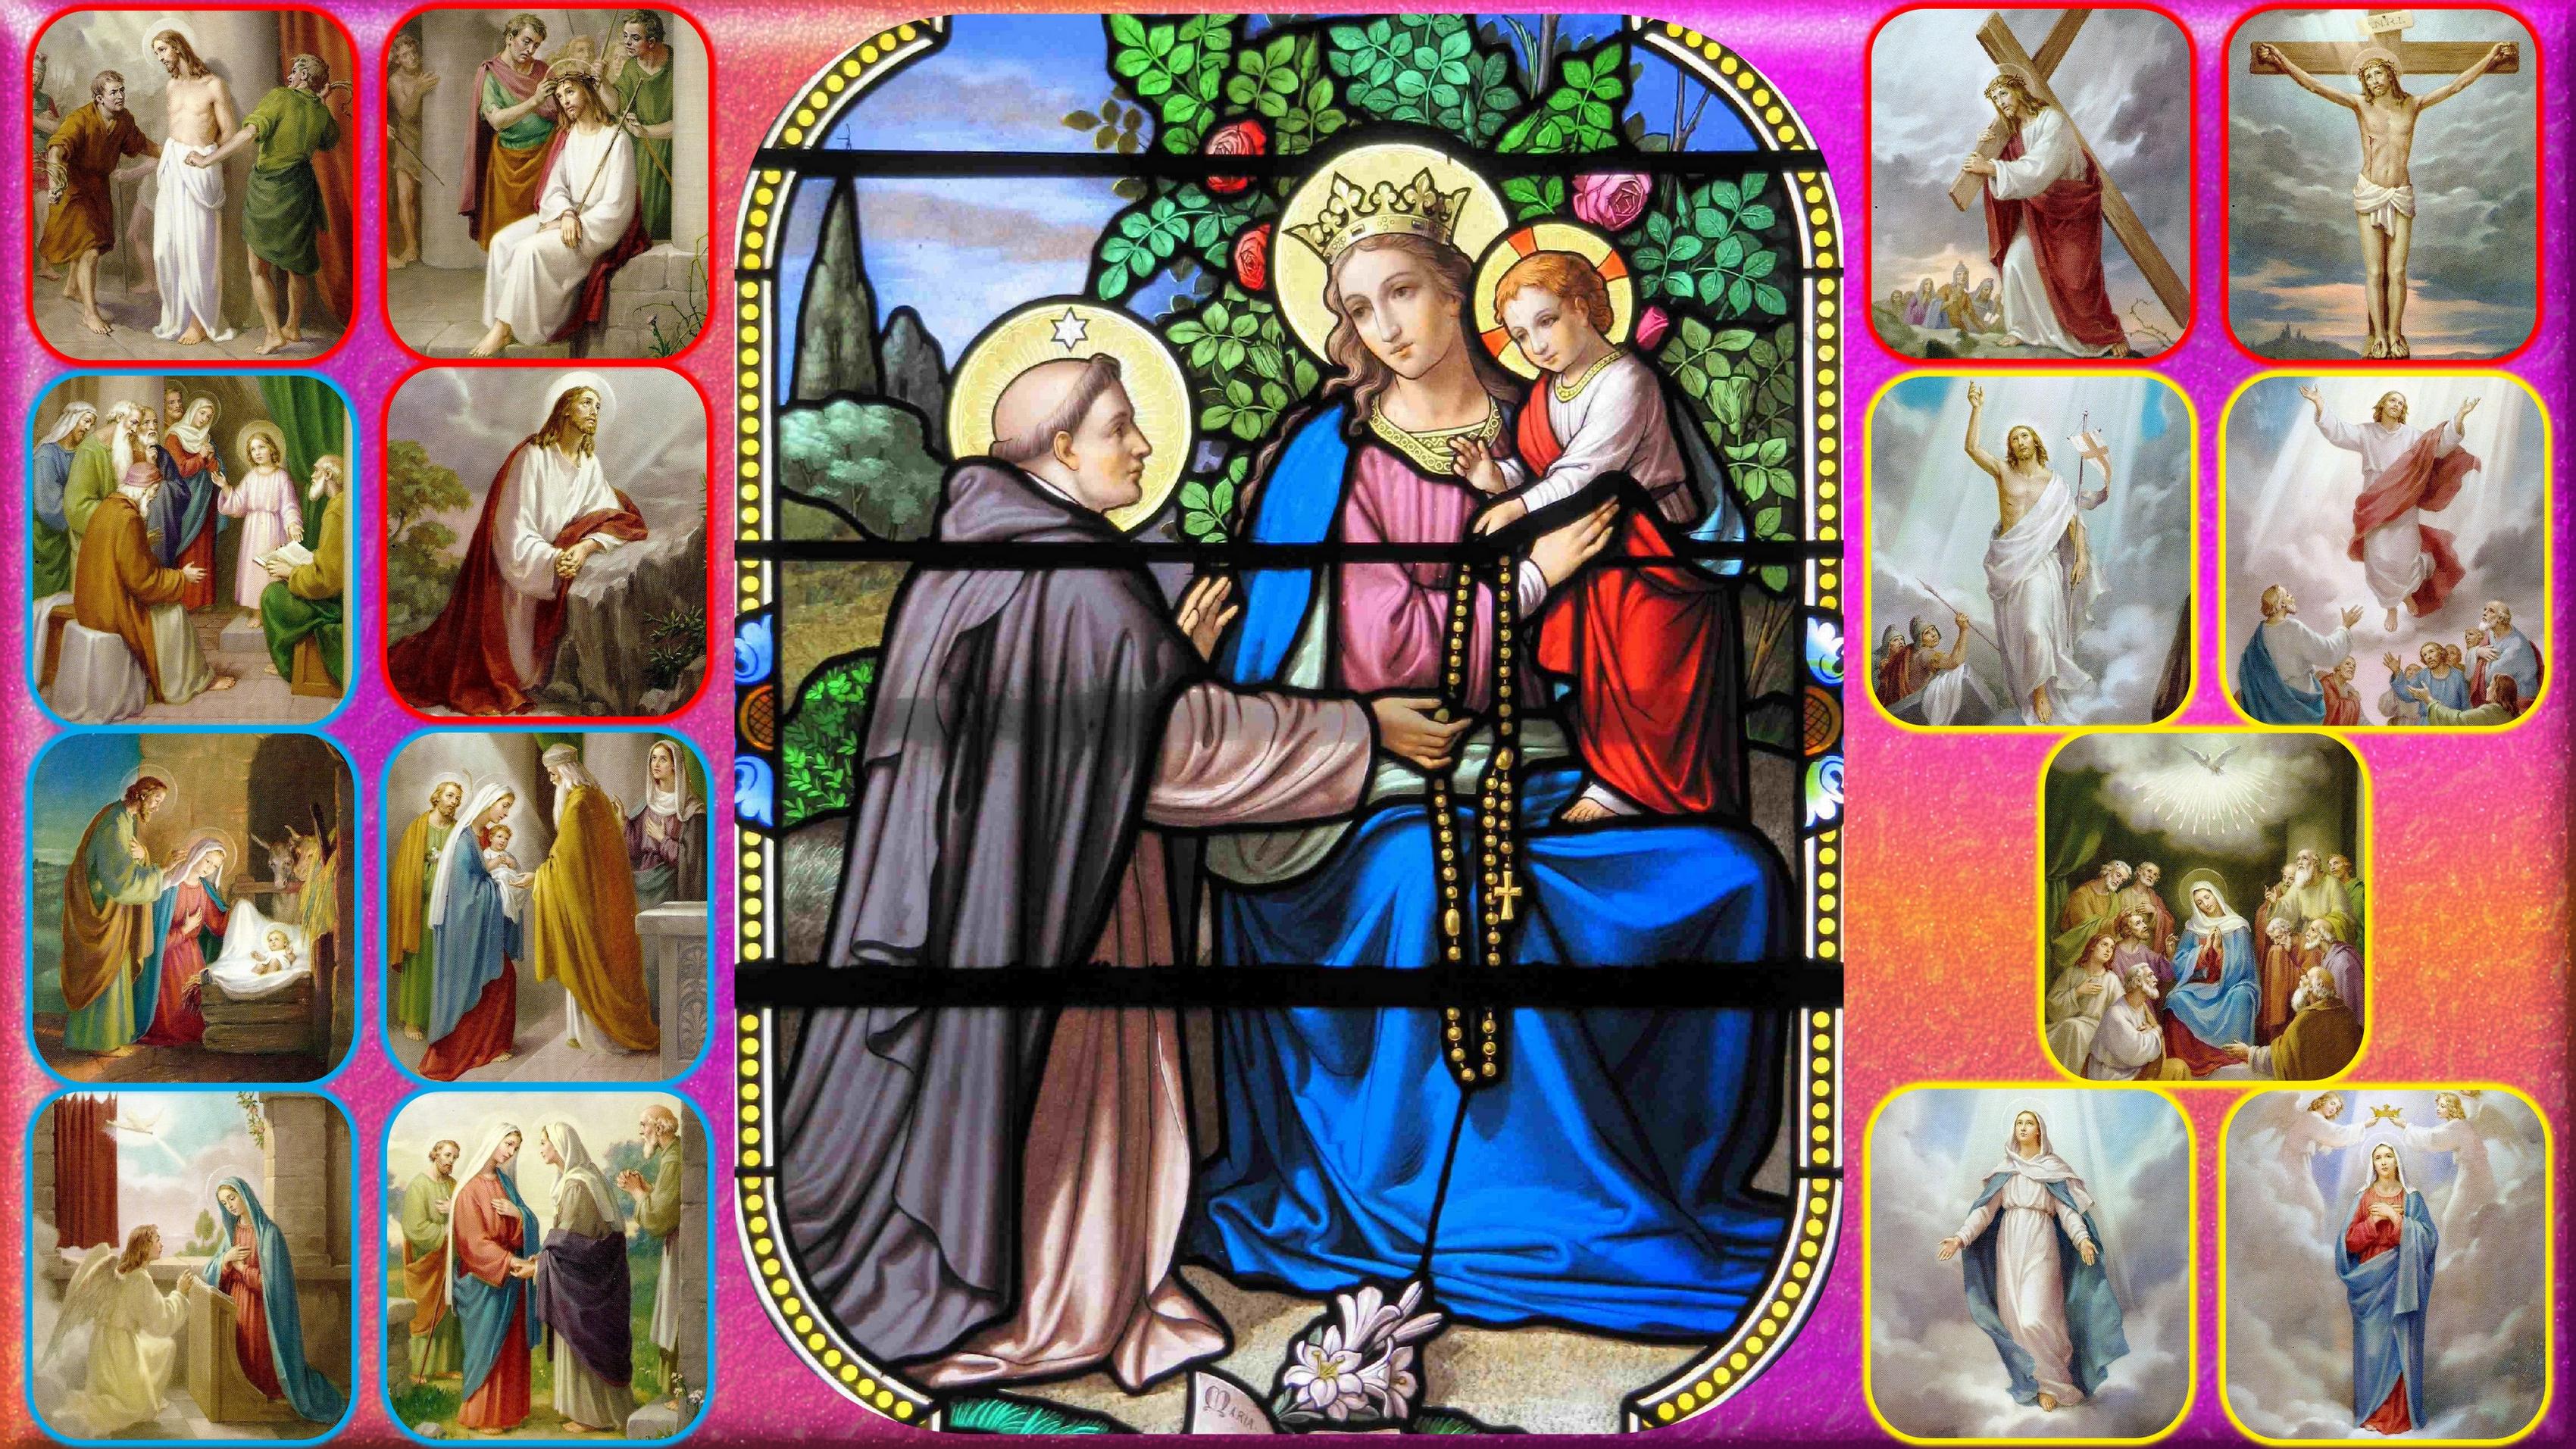 Le Rosaire en Images Notre-dame-enseig...-rosaire-5579c14